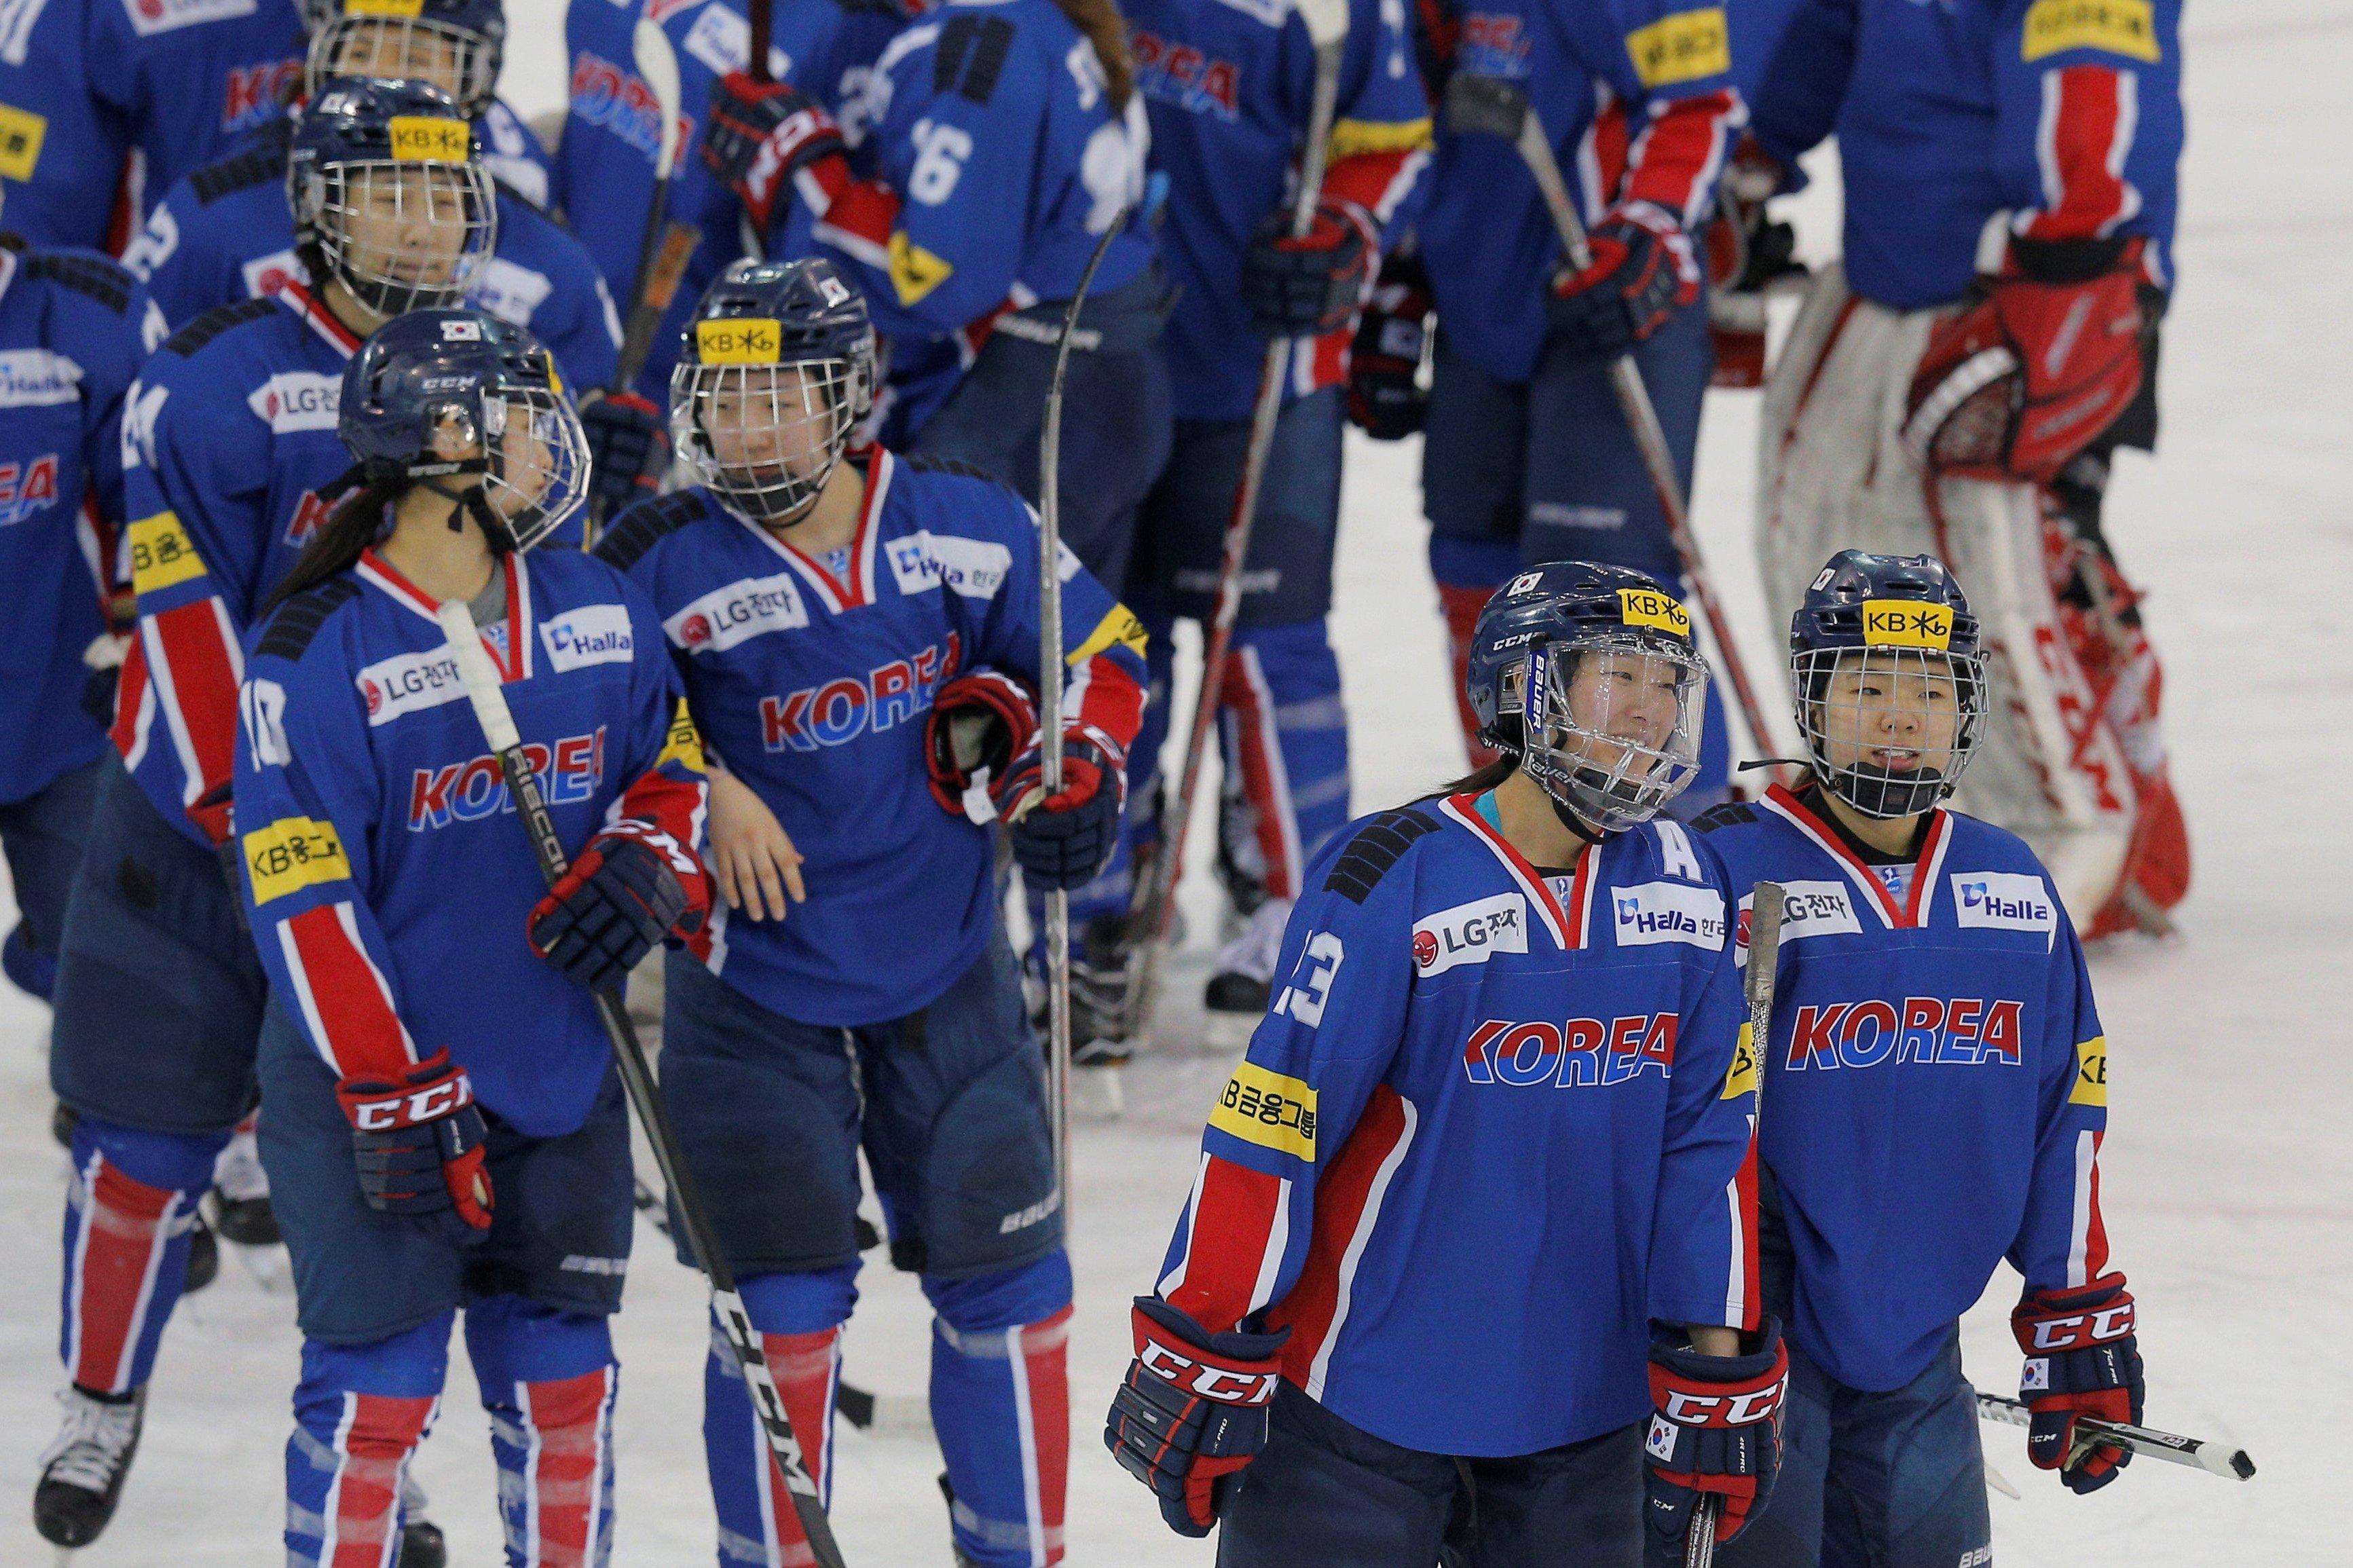 south koreas hockey team - HD3466×2310